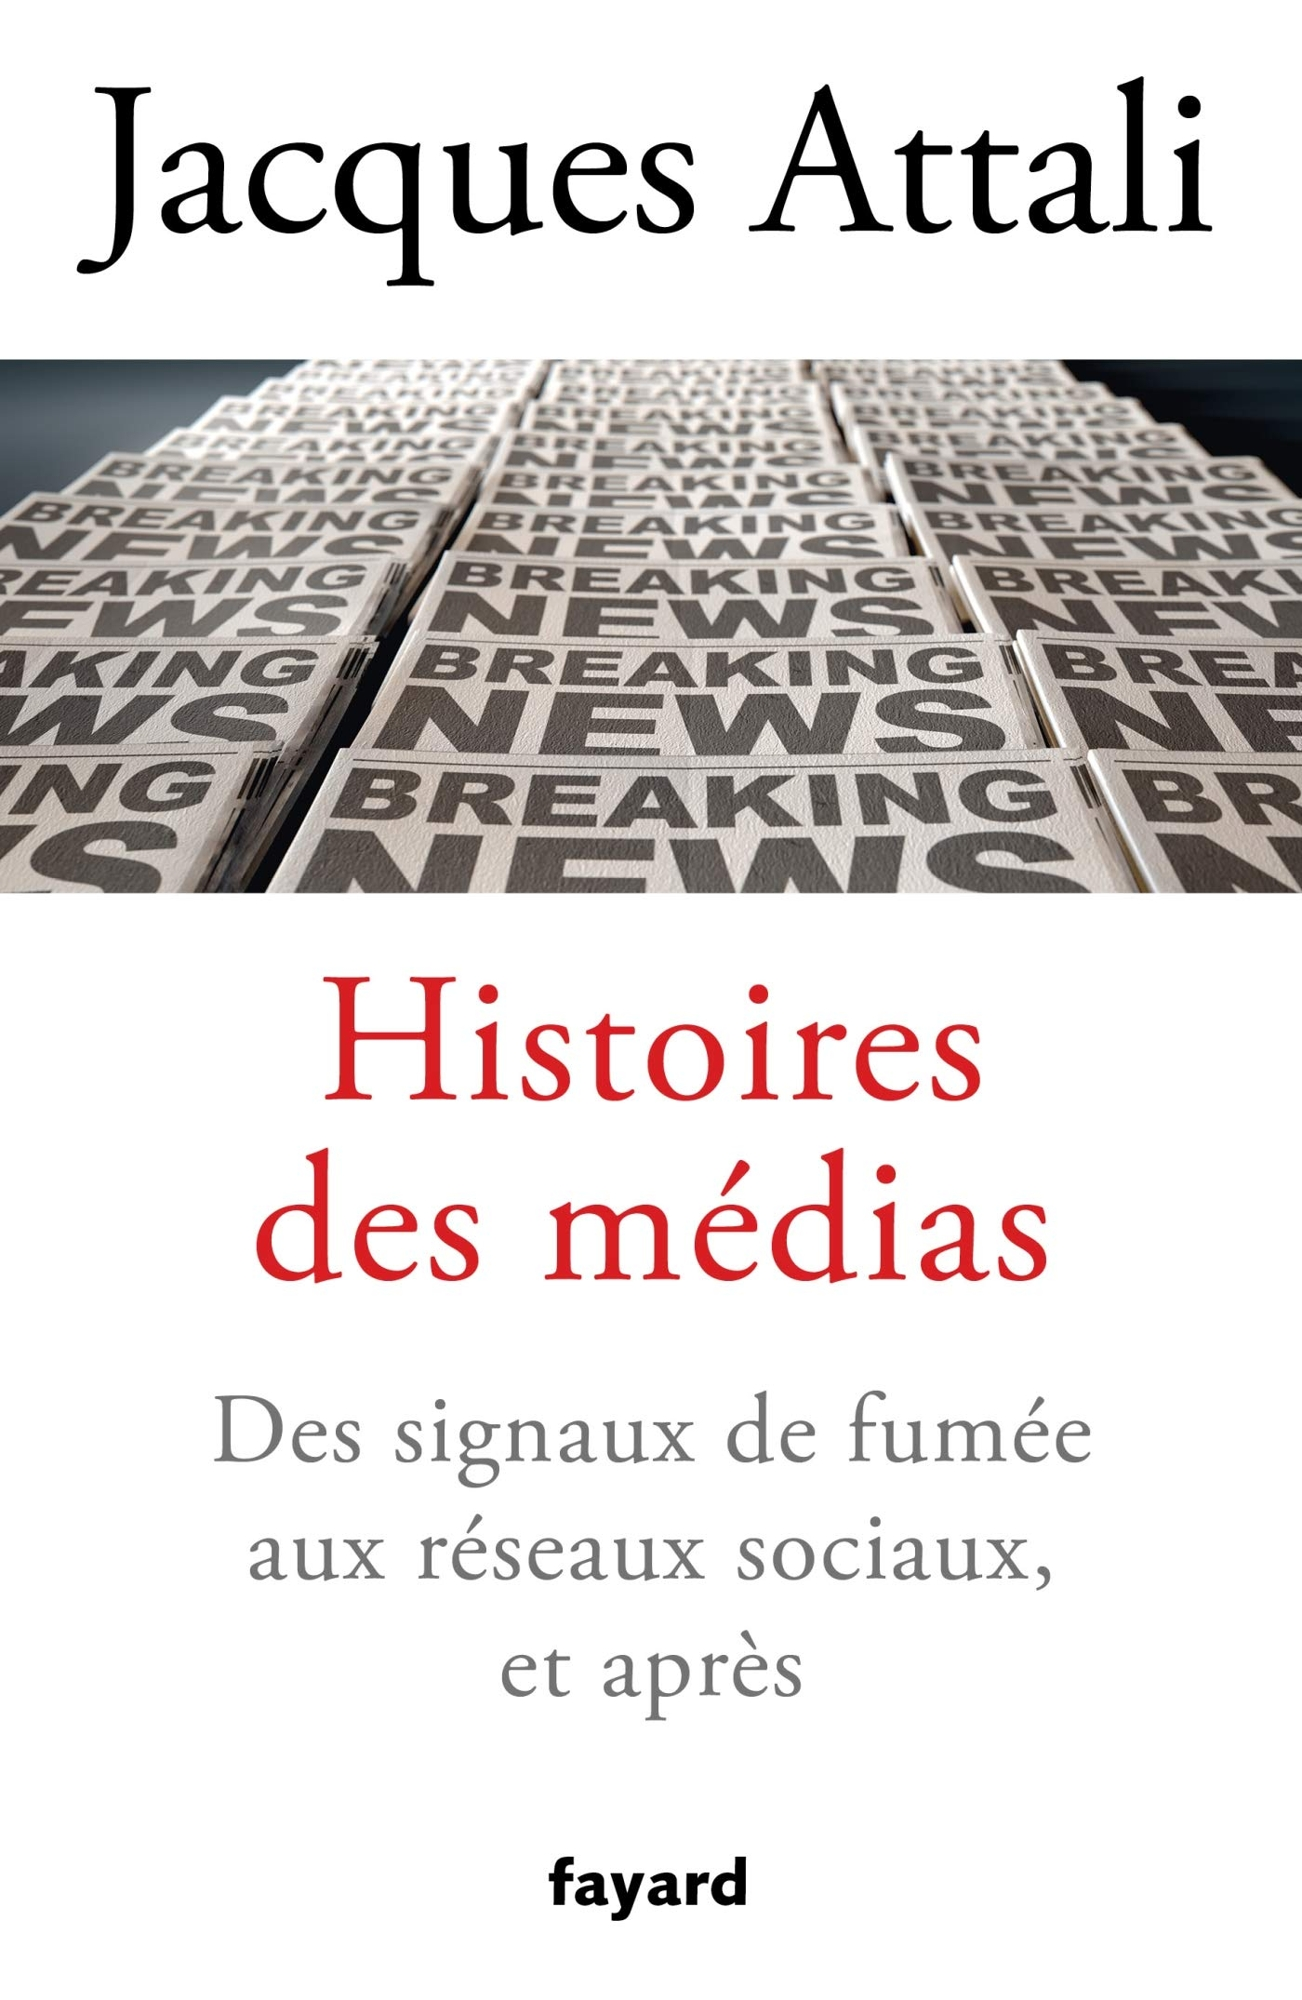 Histoires des médias : des signaux de fumée aux réseaux sociaux et après